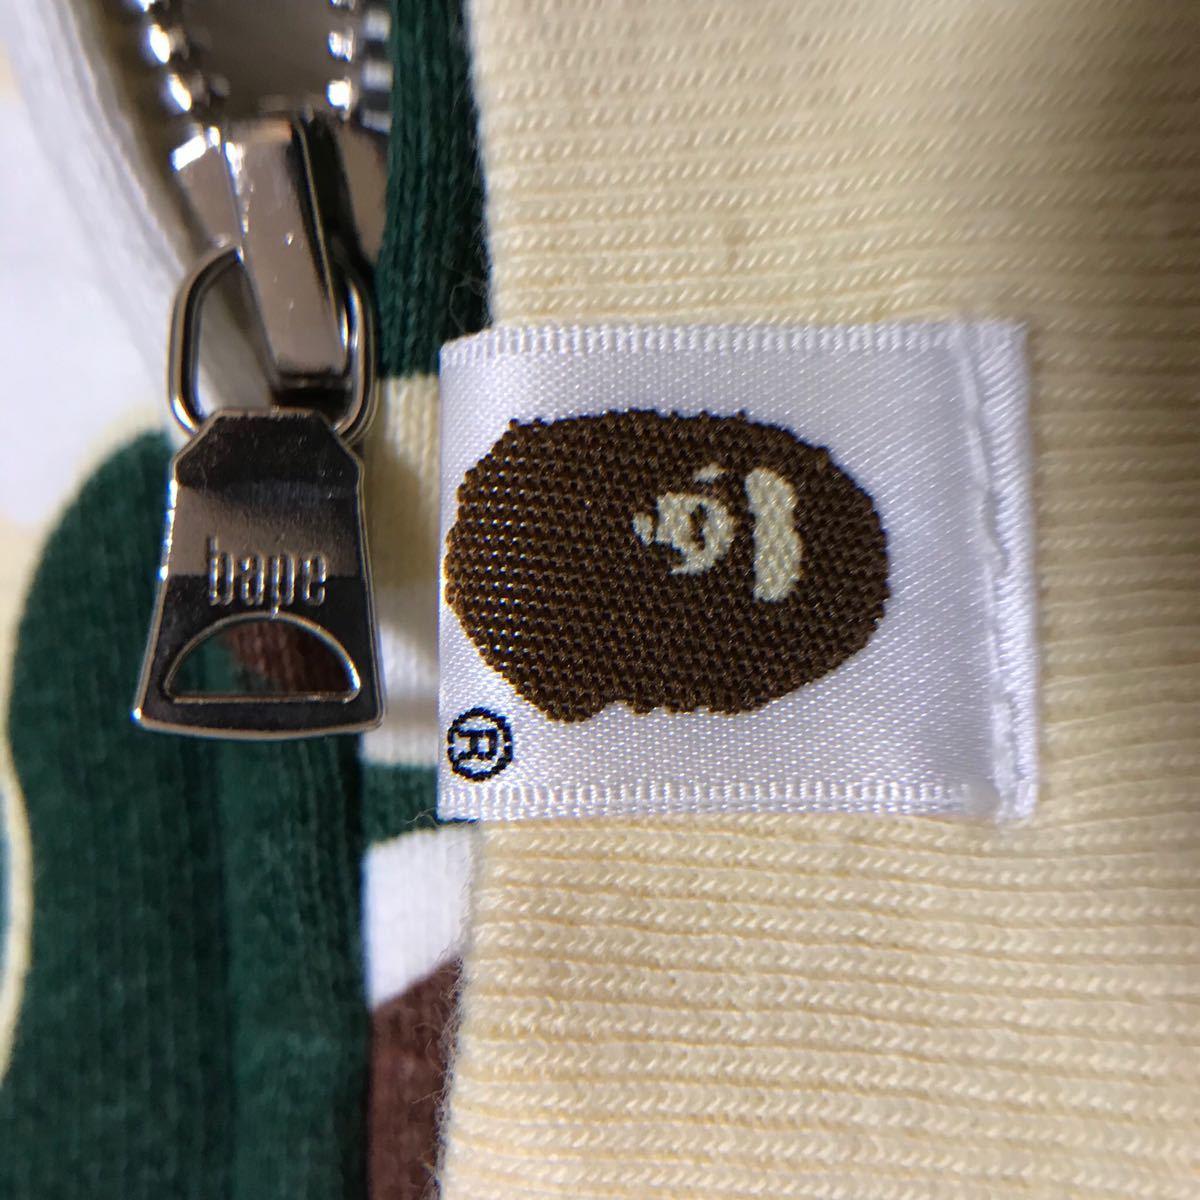 ★鹿児島限定★ kagoshima store limited color camo シャーク パーカー shark full zip hoodie a bathing ape BAPE city ベイプ 都市限定